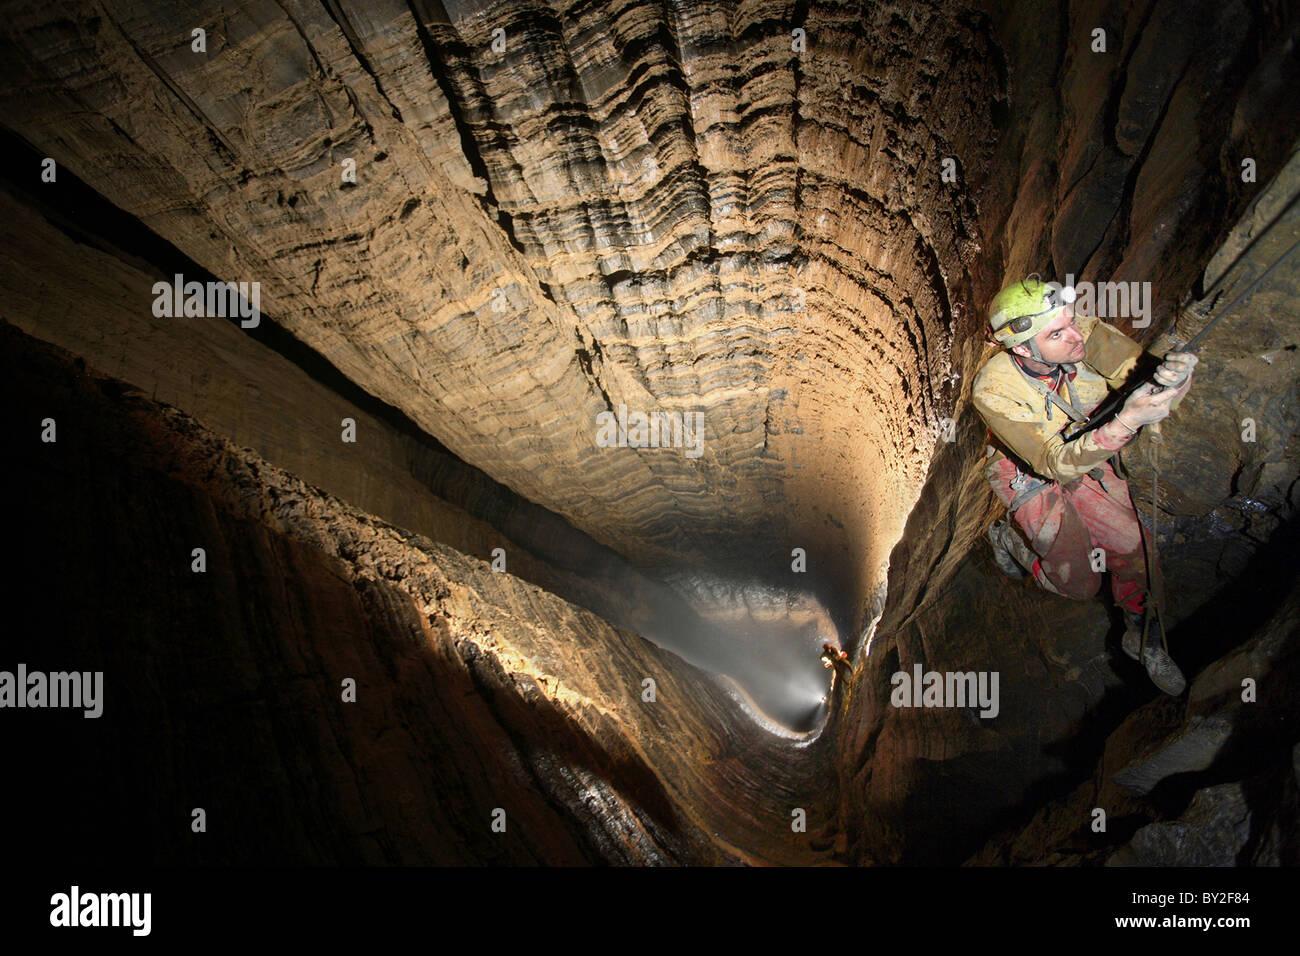 Un hombre sube las cuerdas en el eje subterráneo más grande del mundo llamado Miao Keng en China. Imagen De Stock